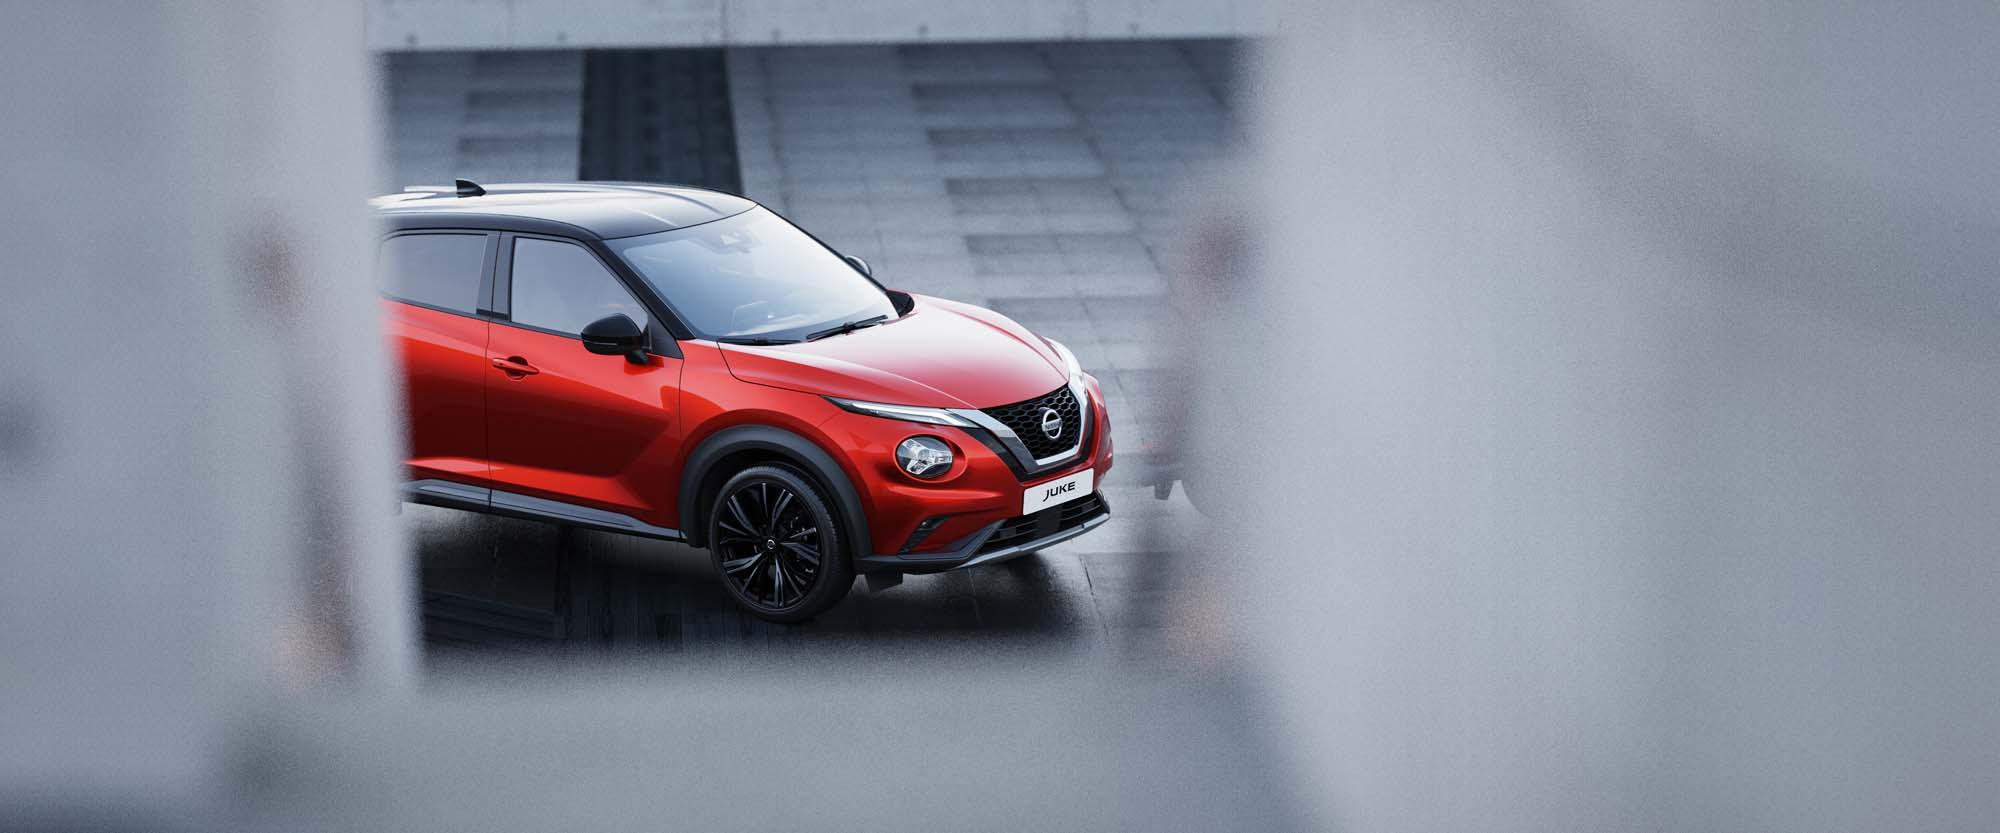 Nissan-Juke-2020-59